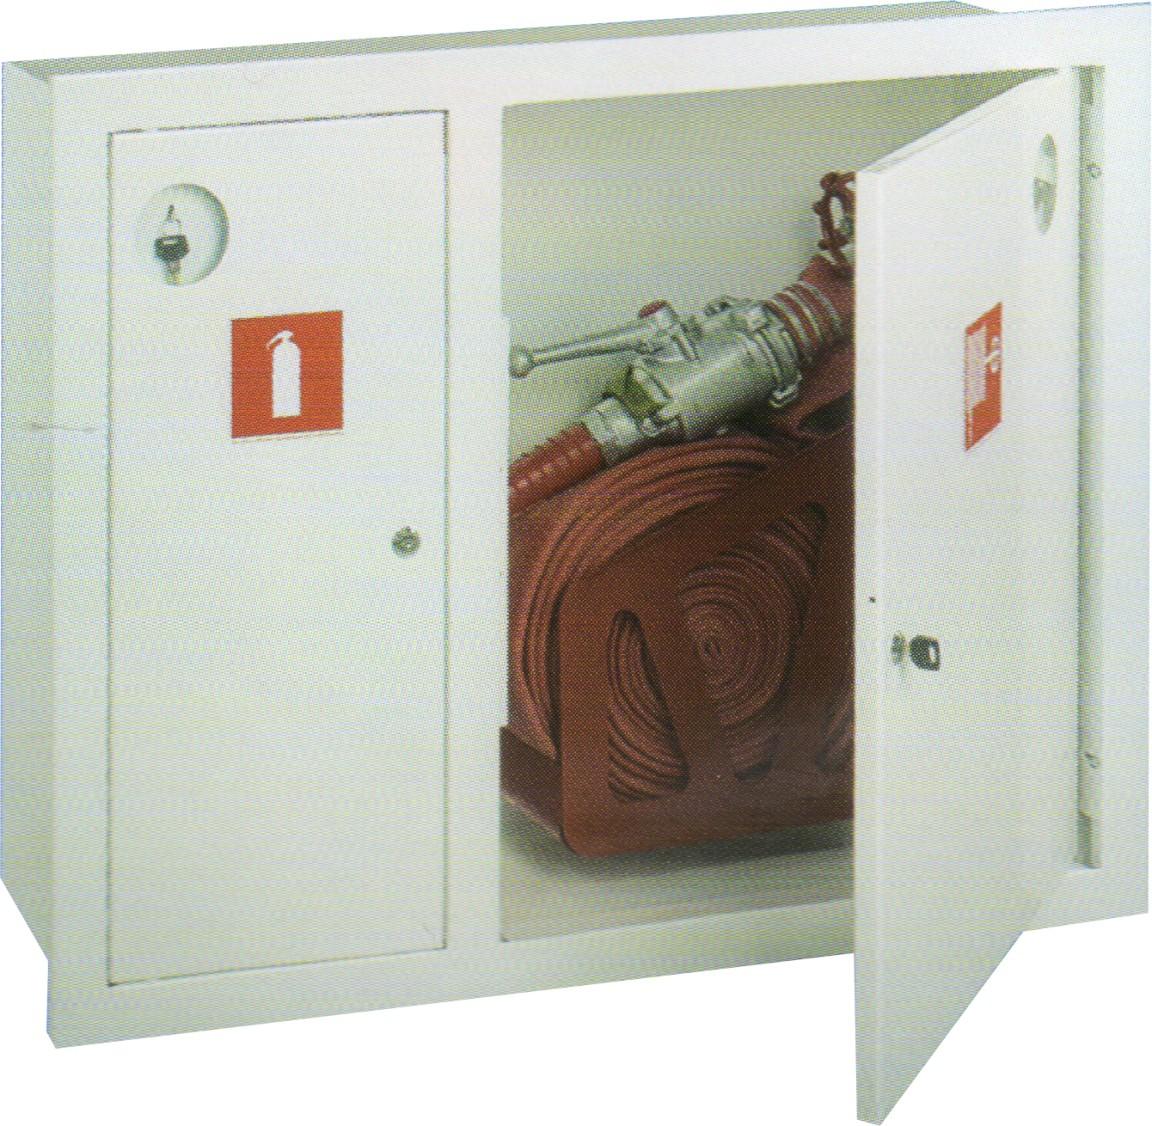 ШПК-315 встроенный  закрытый белый  для пожарного крана и одного огнетушителя (с окном)